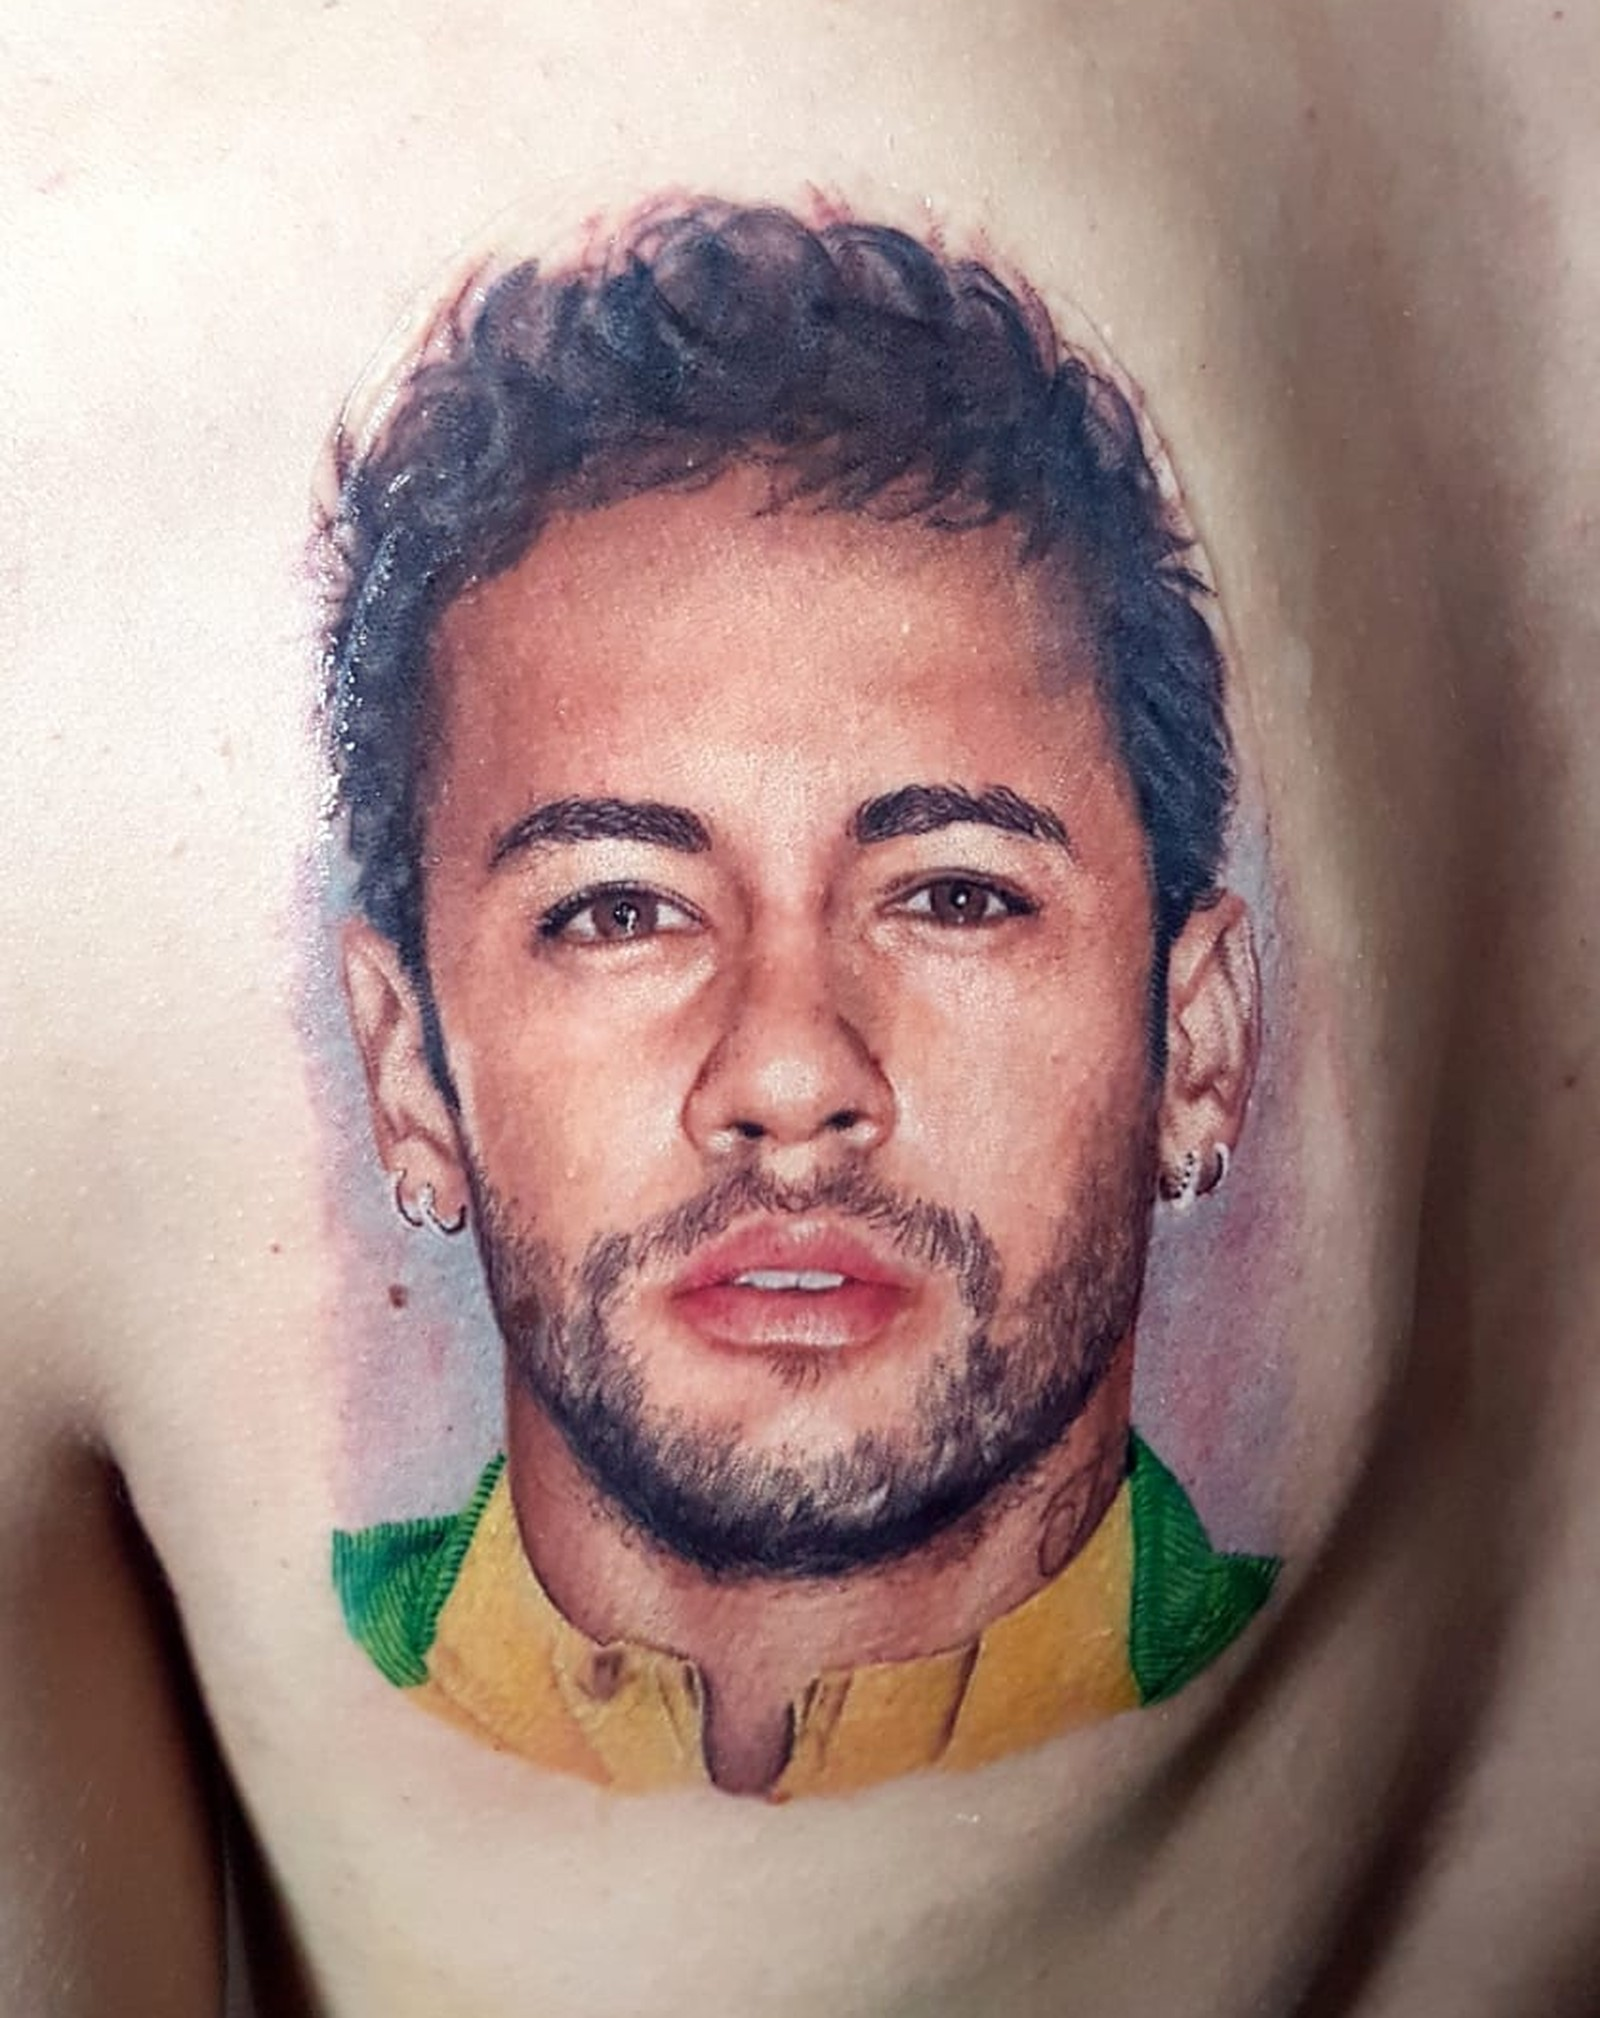 Fã junta dinheiro por seis meses e passa 8 horas tatuando o rosto de Neymar nas costas